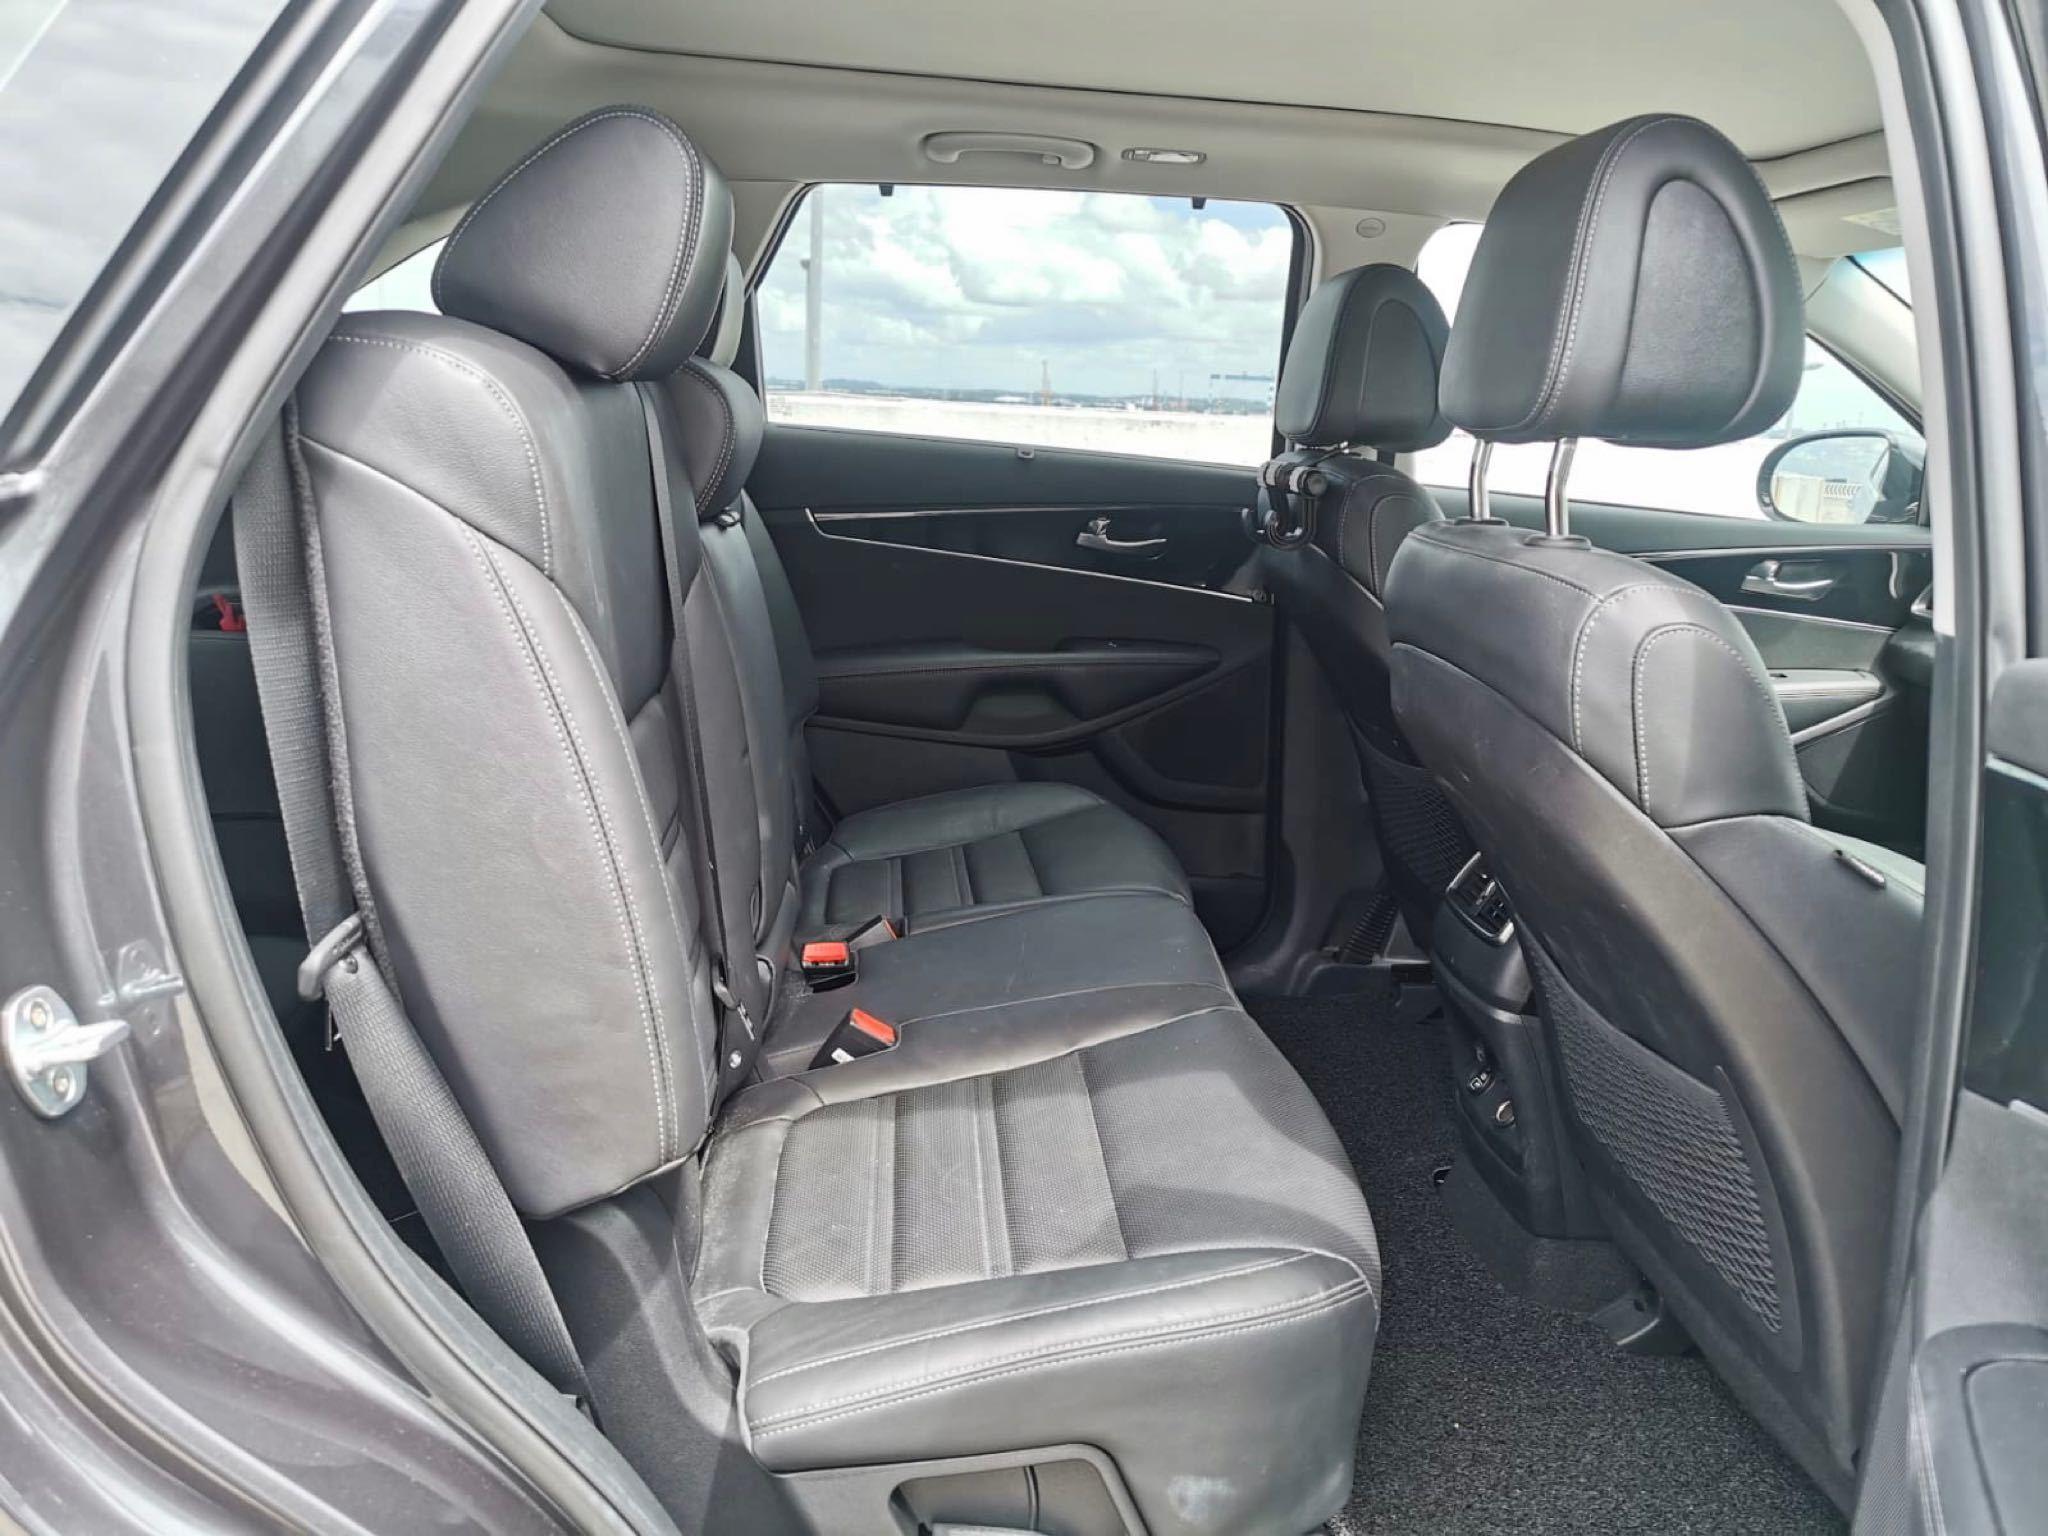 KIA SORENTO 2.2(A) CRDI 2WD S